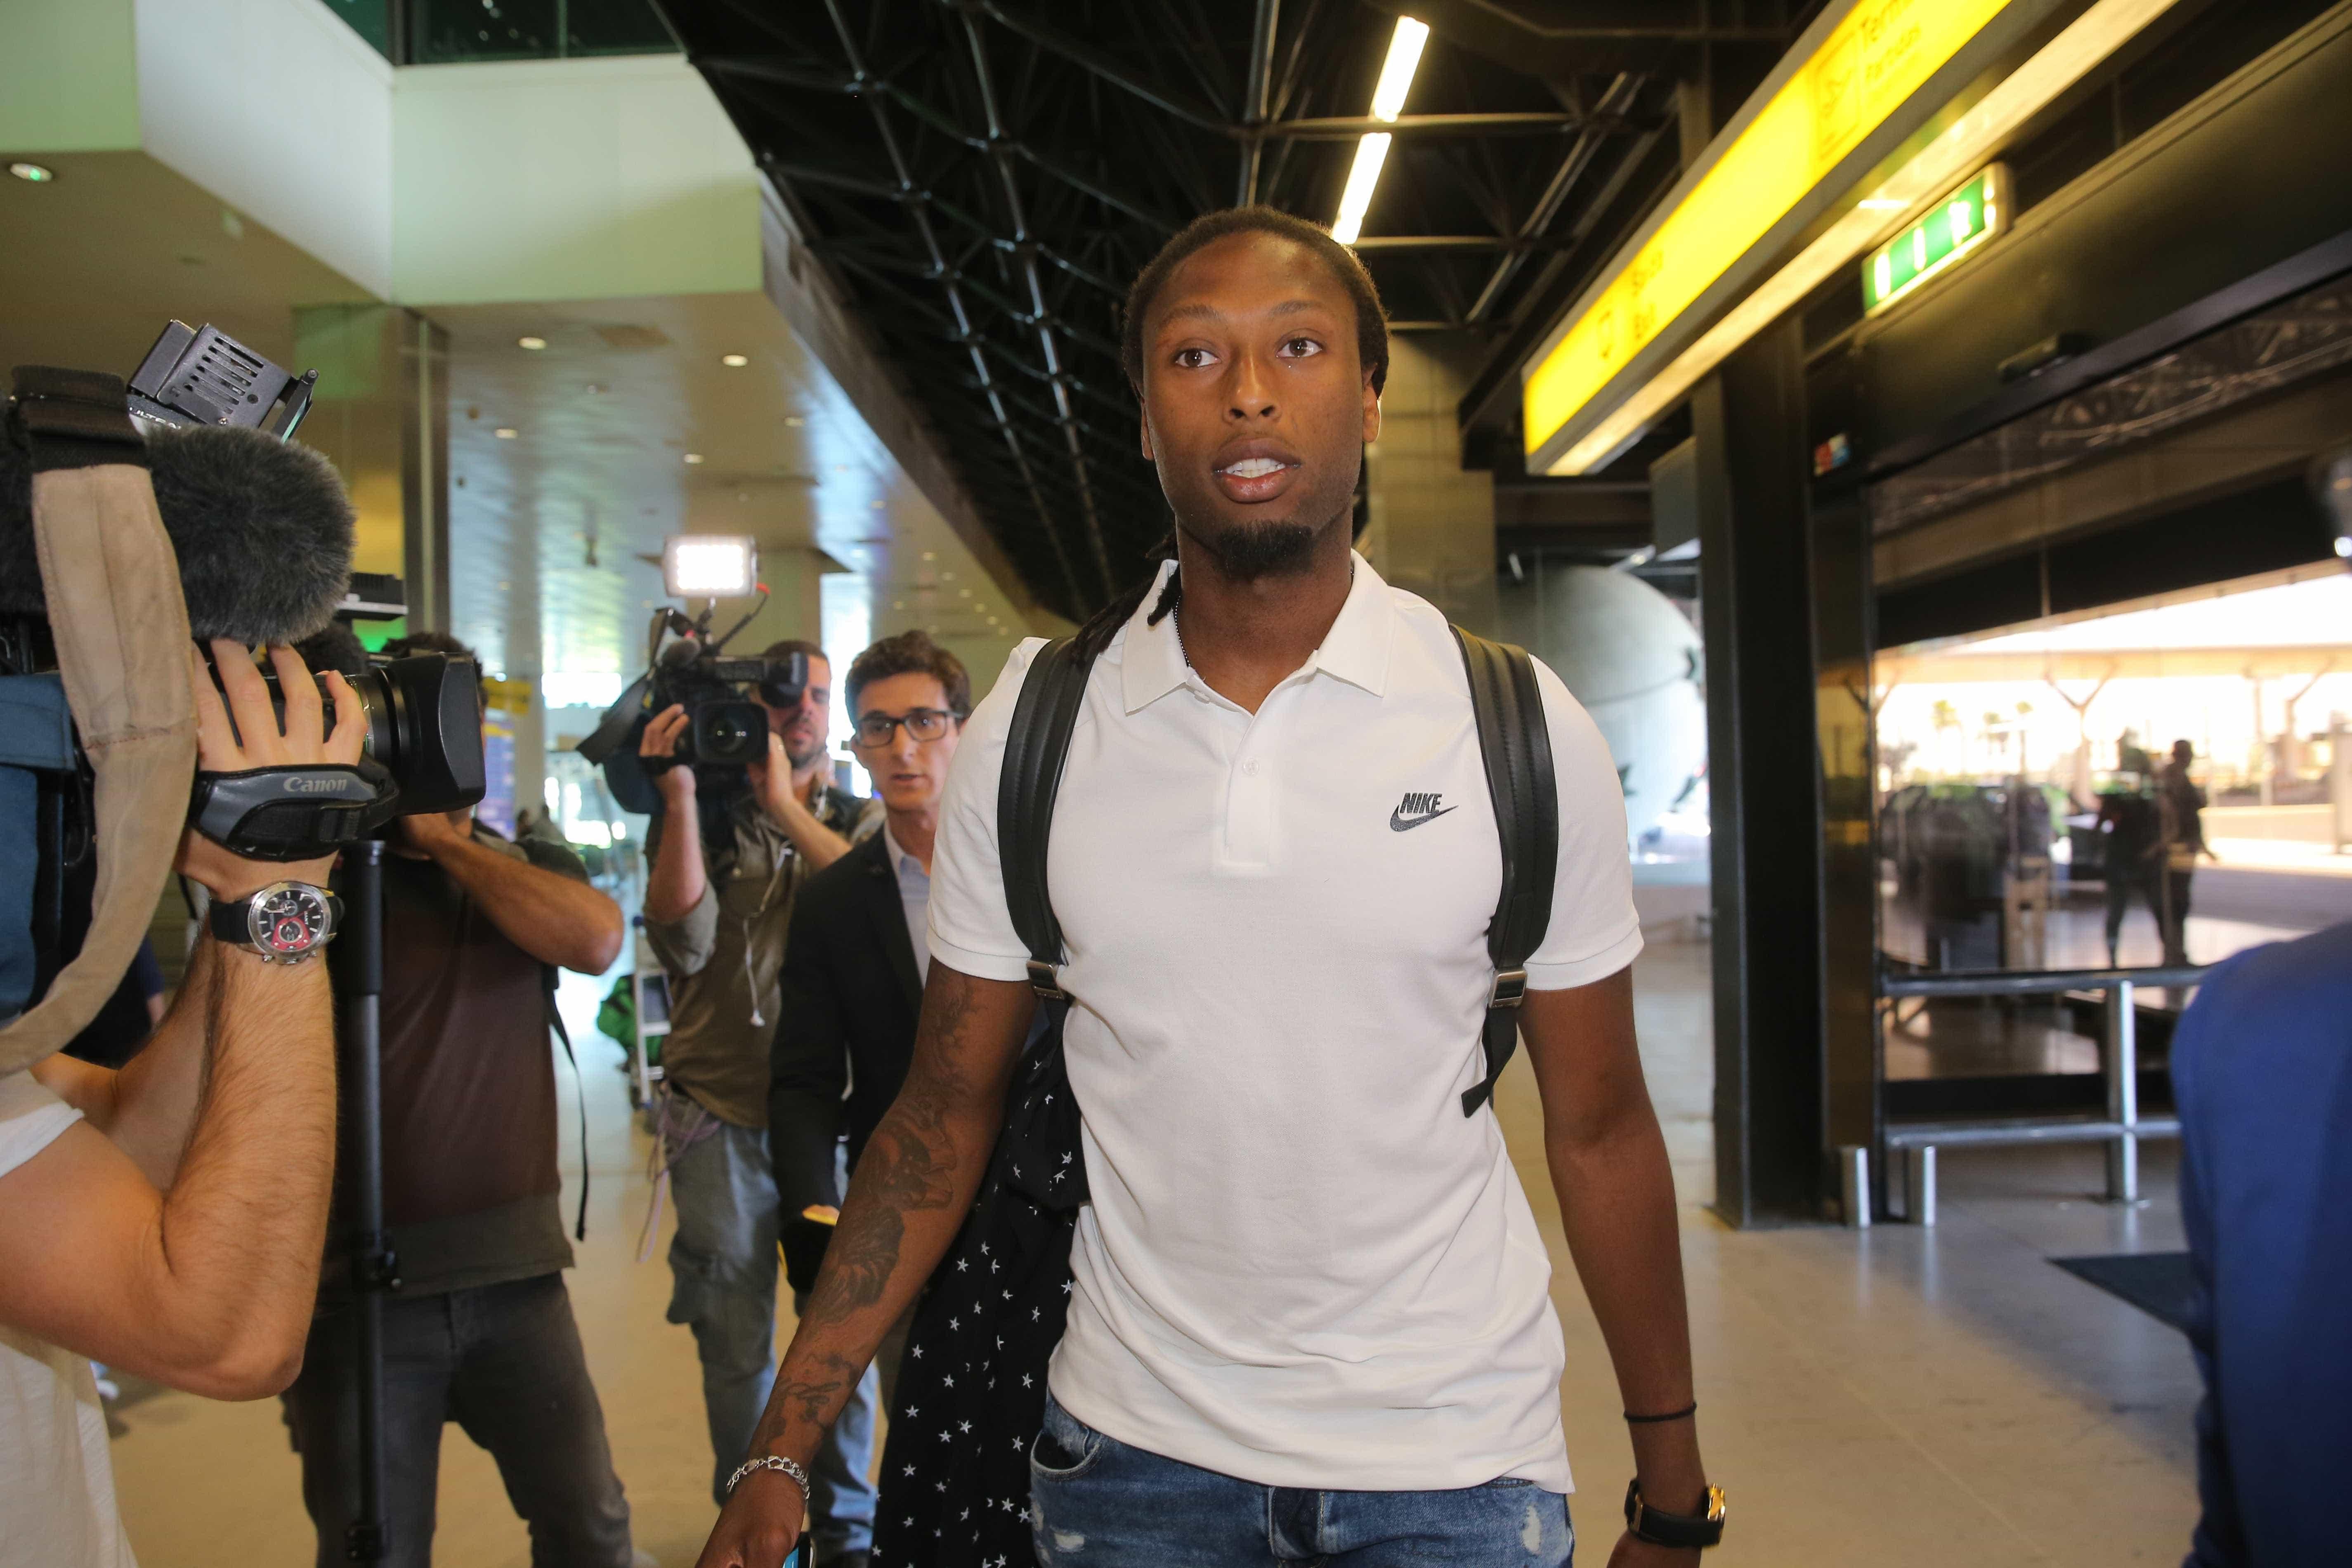 Oficial: Rúben Semedo está de regresso ao futebol português